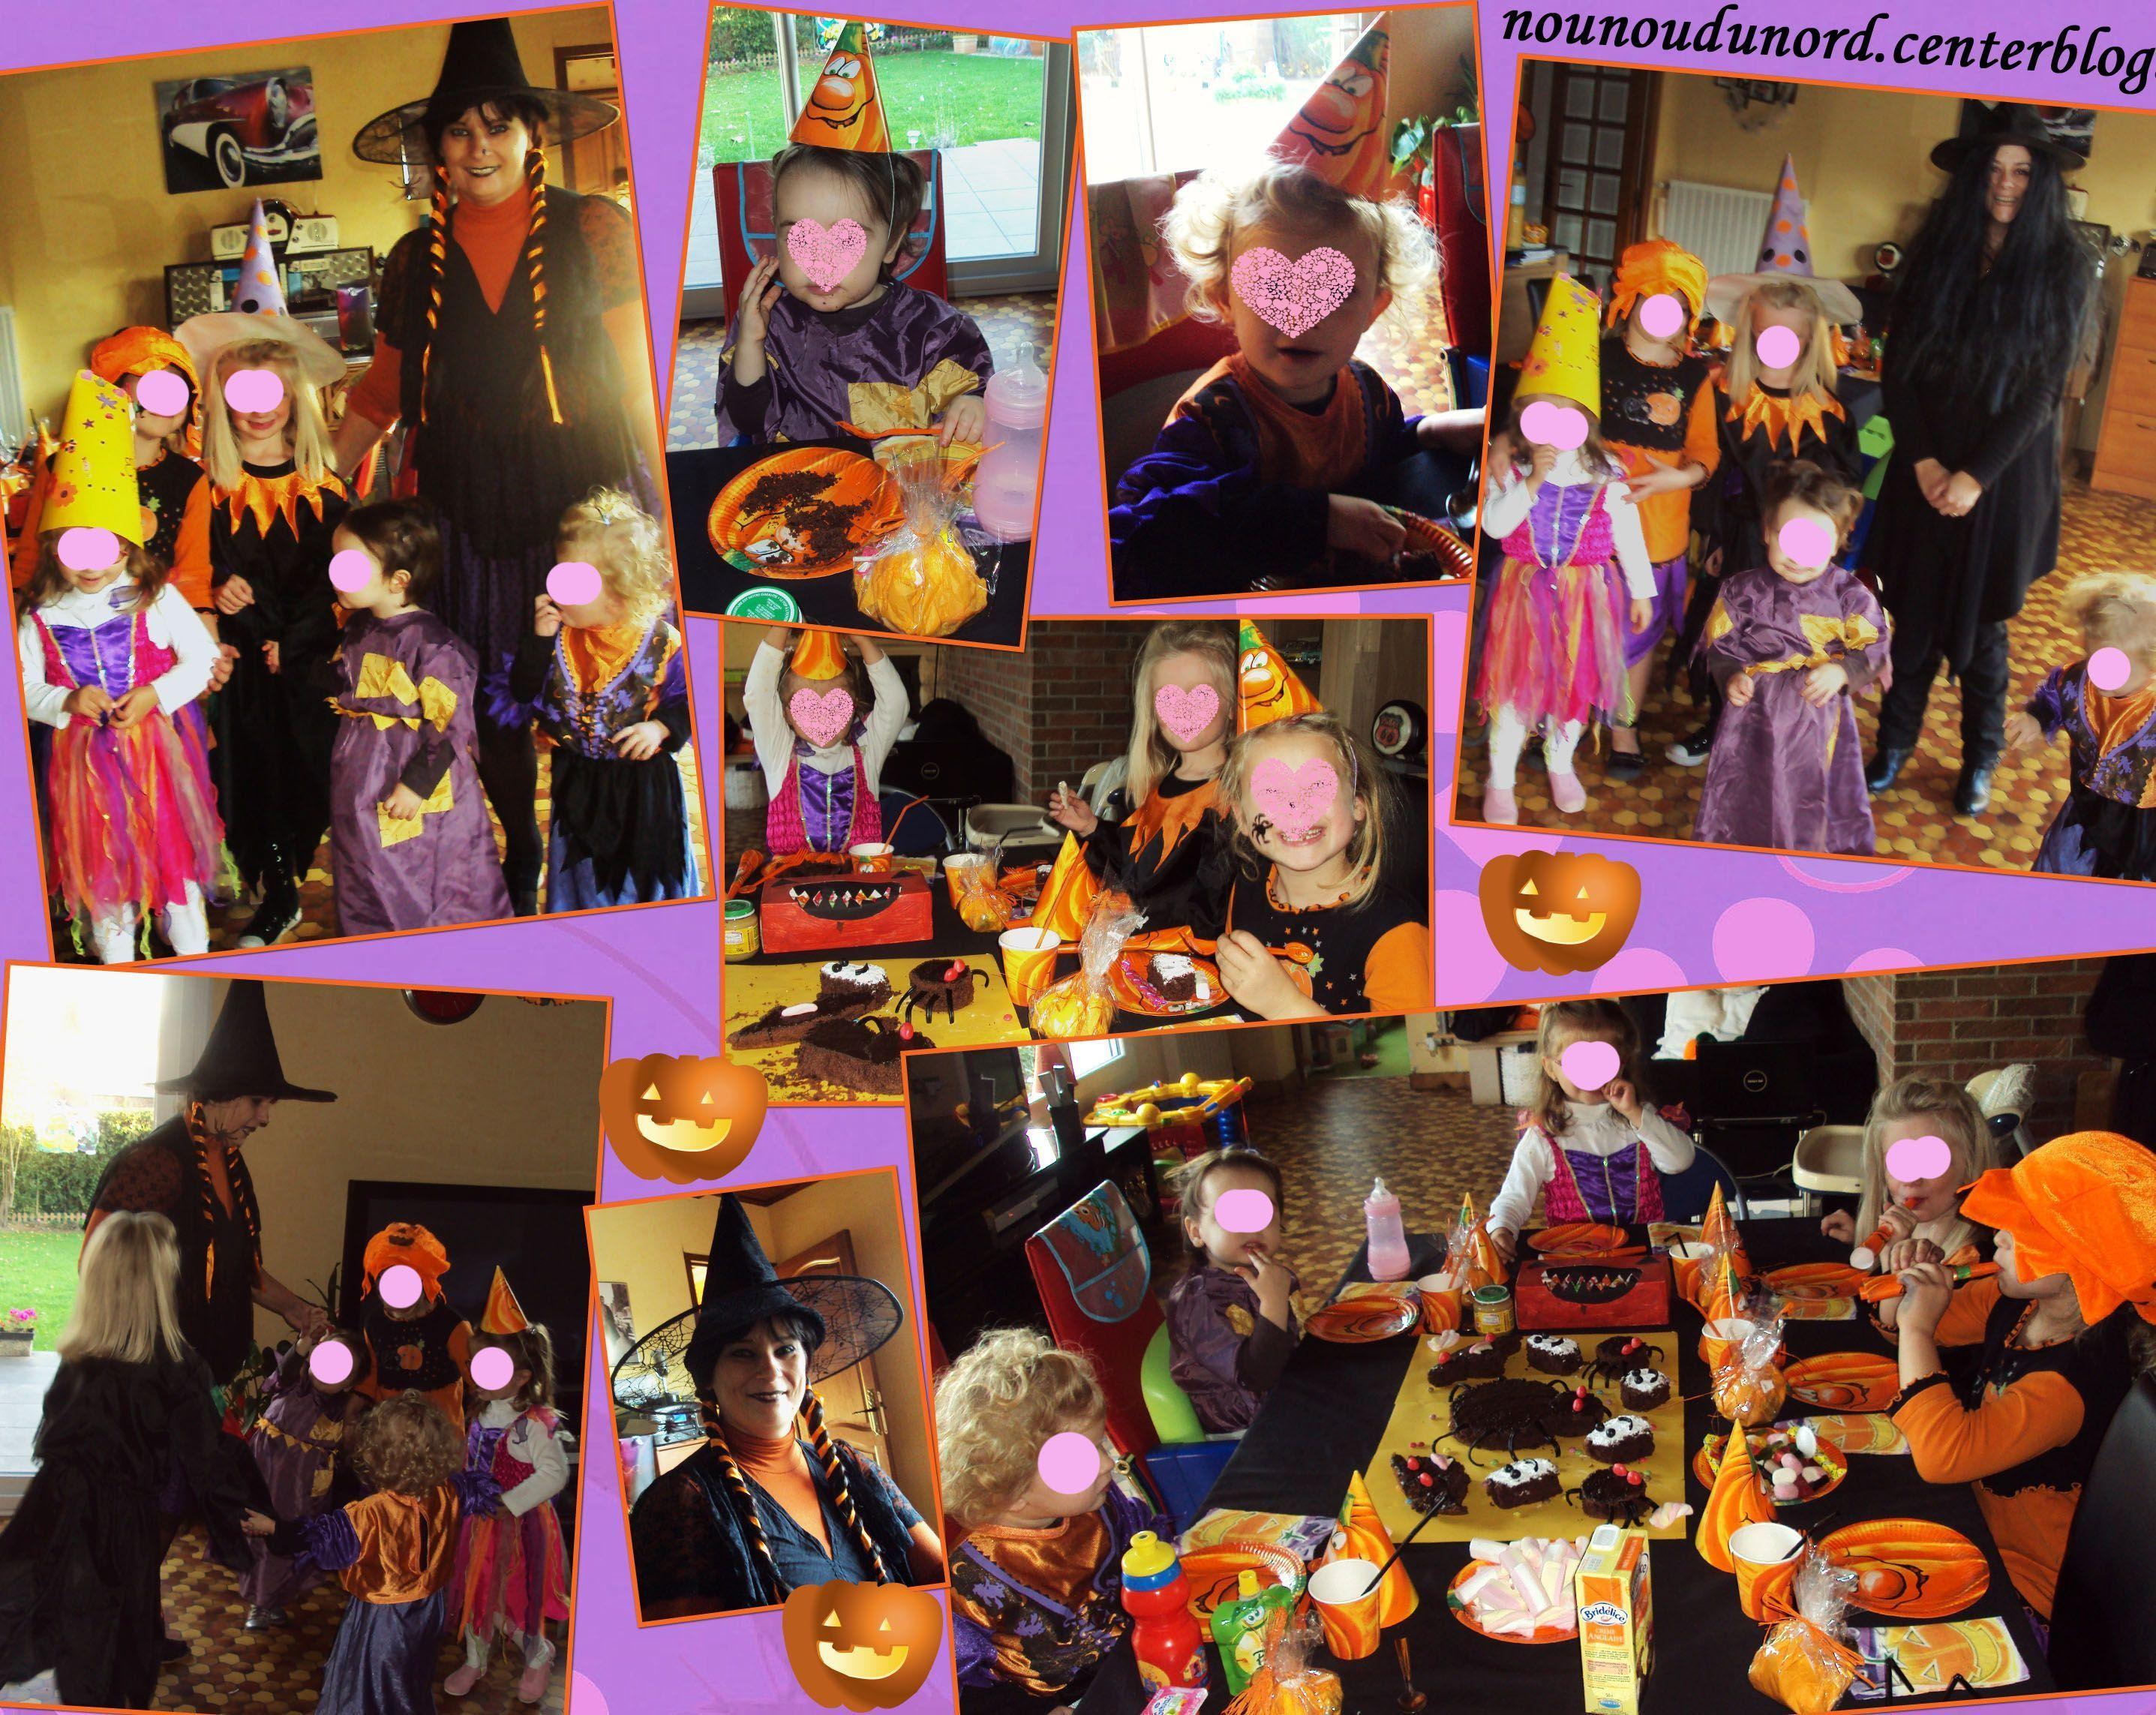 Notre fête dhalloween que nous avons fait le 31/10/2011